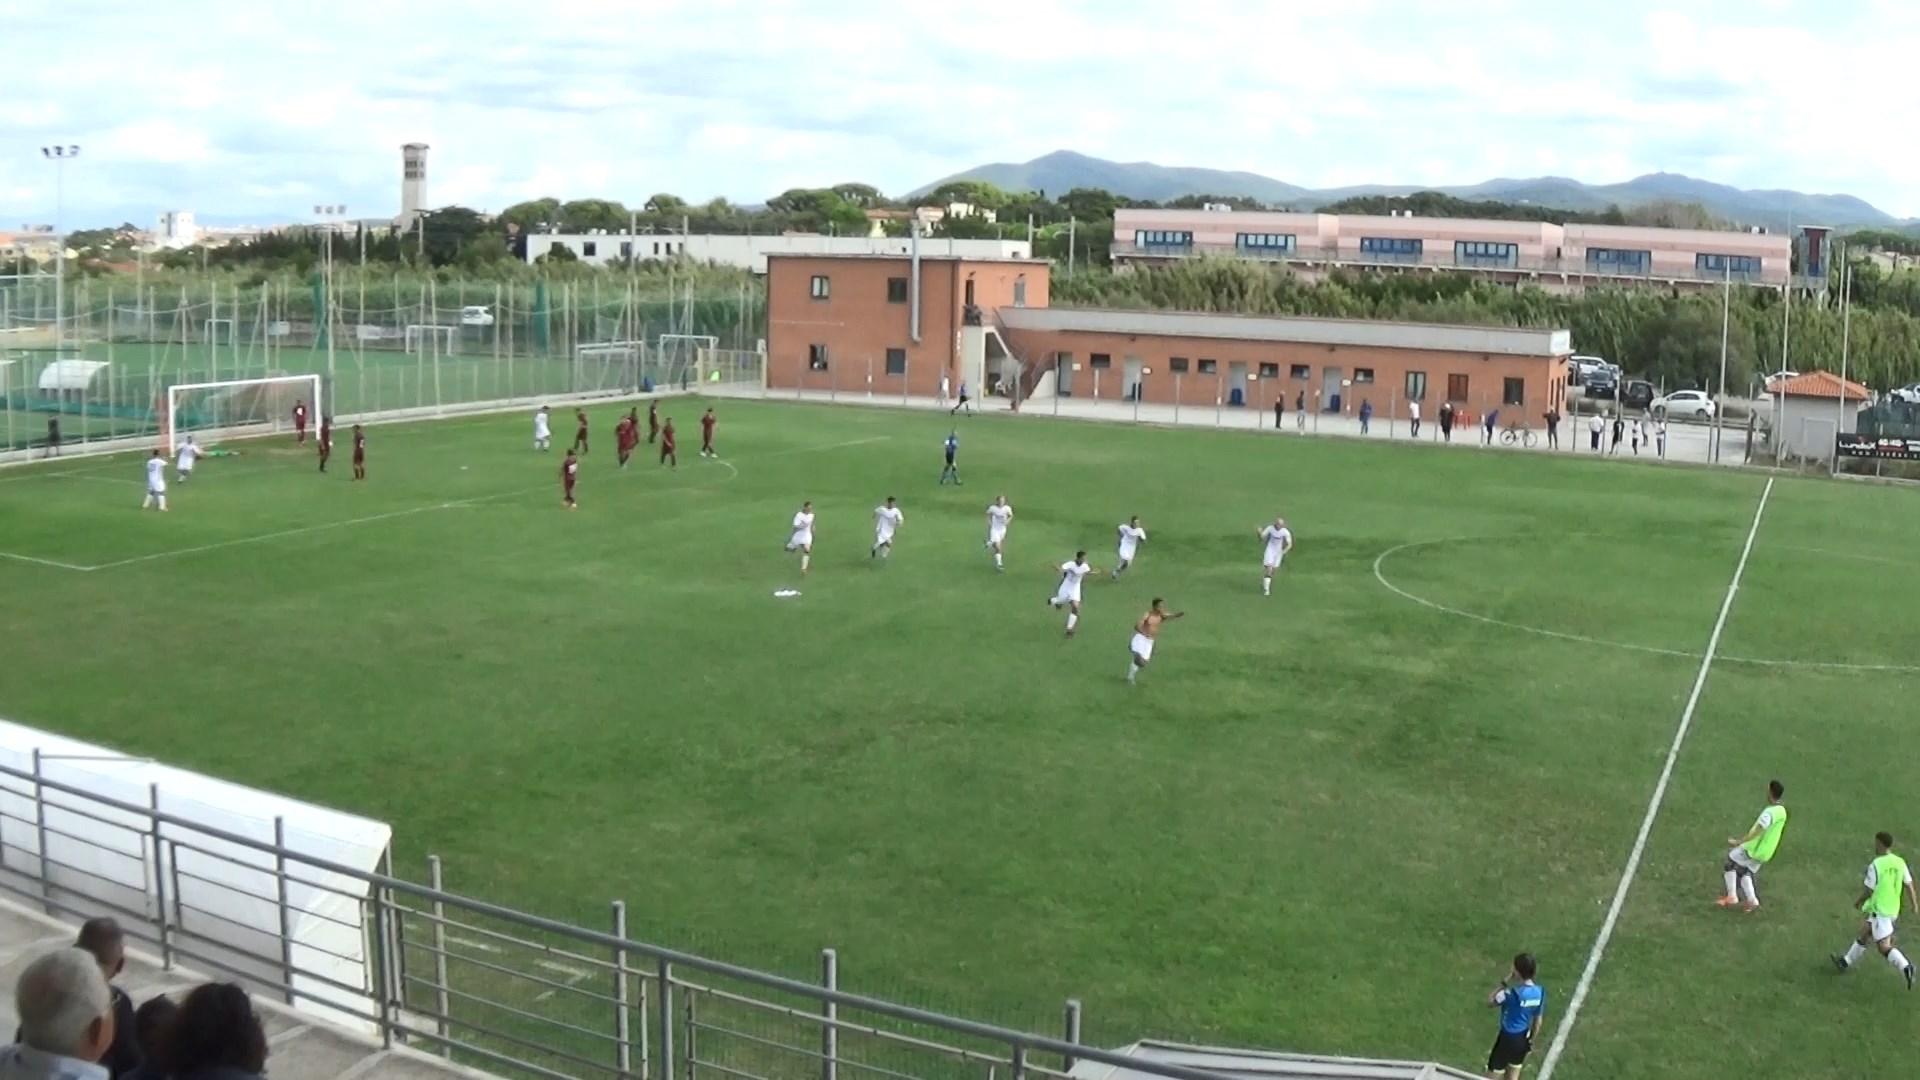 Primavera 2, il video di Livorno-Crotone 2-3